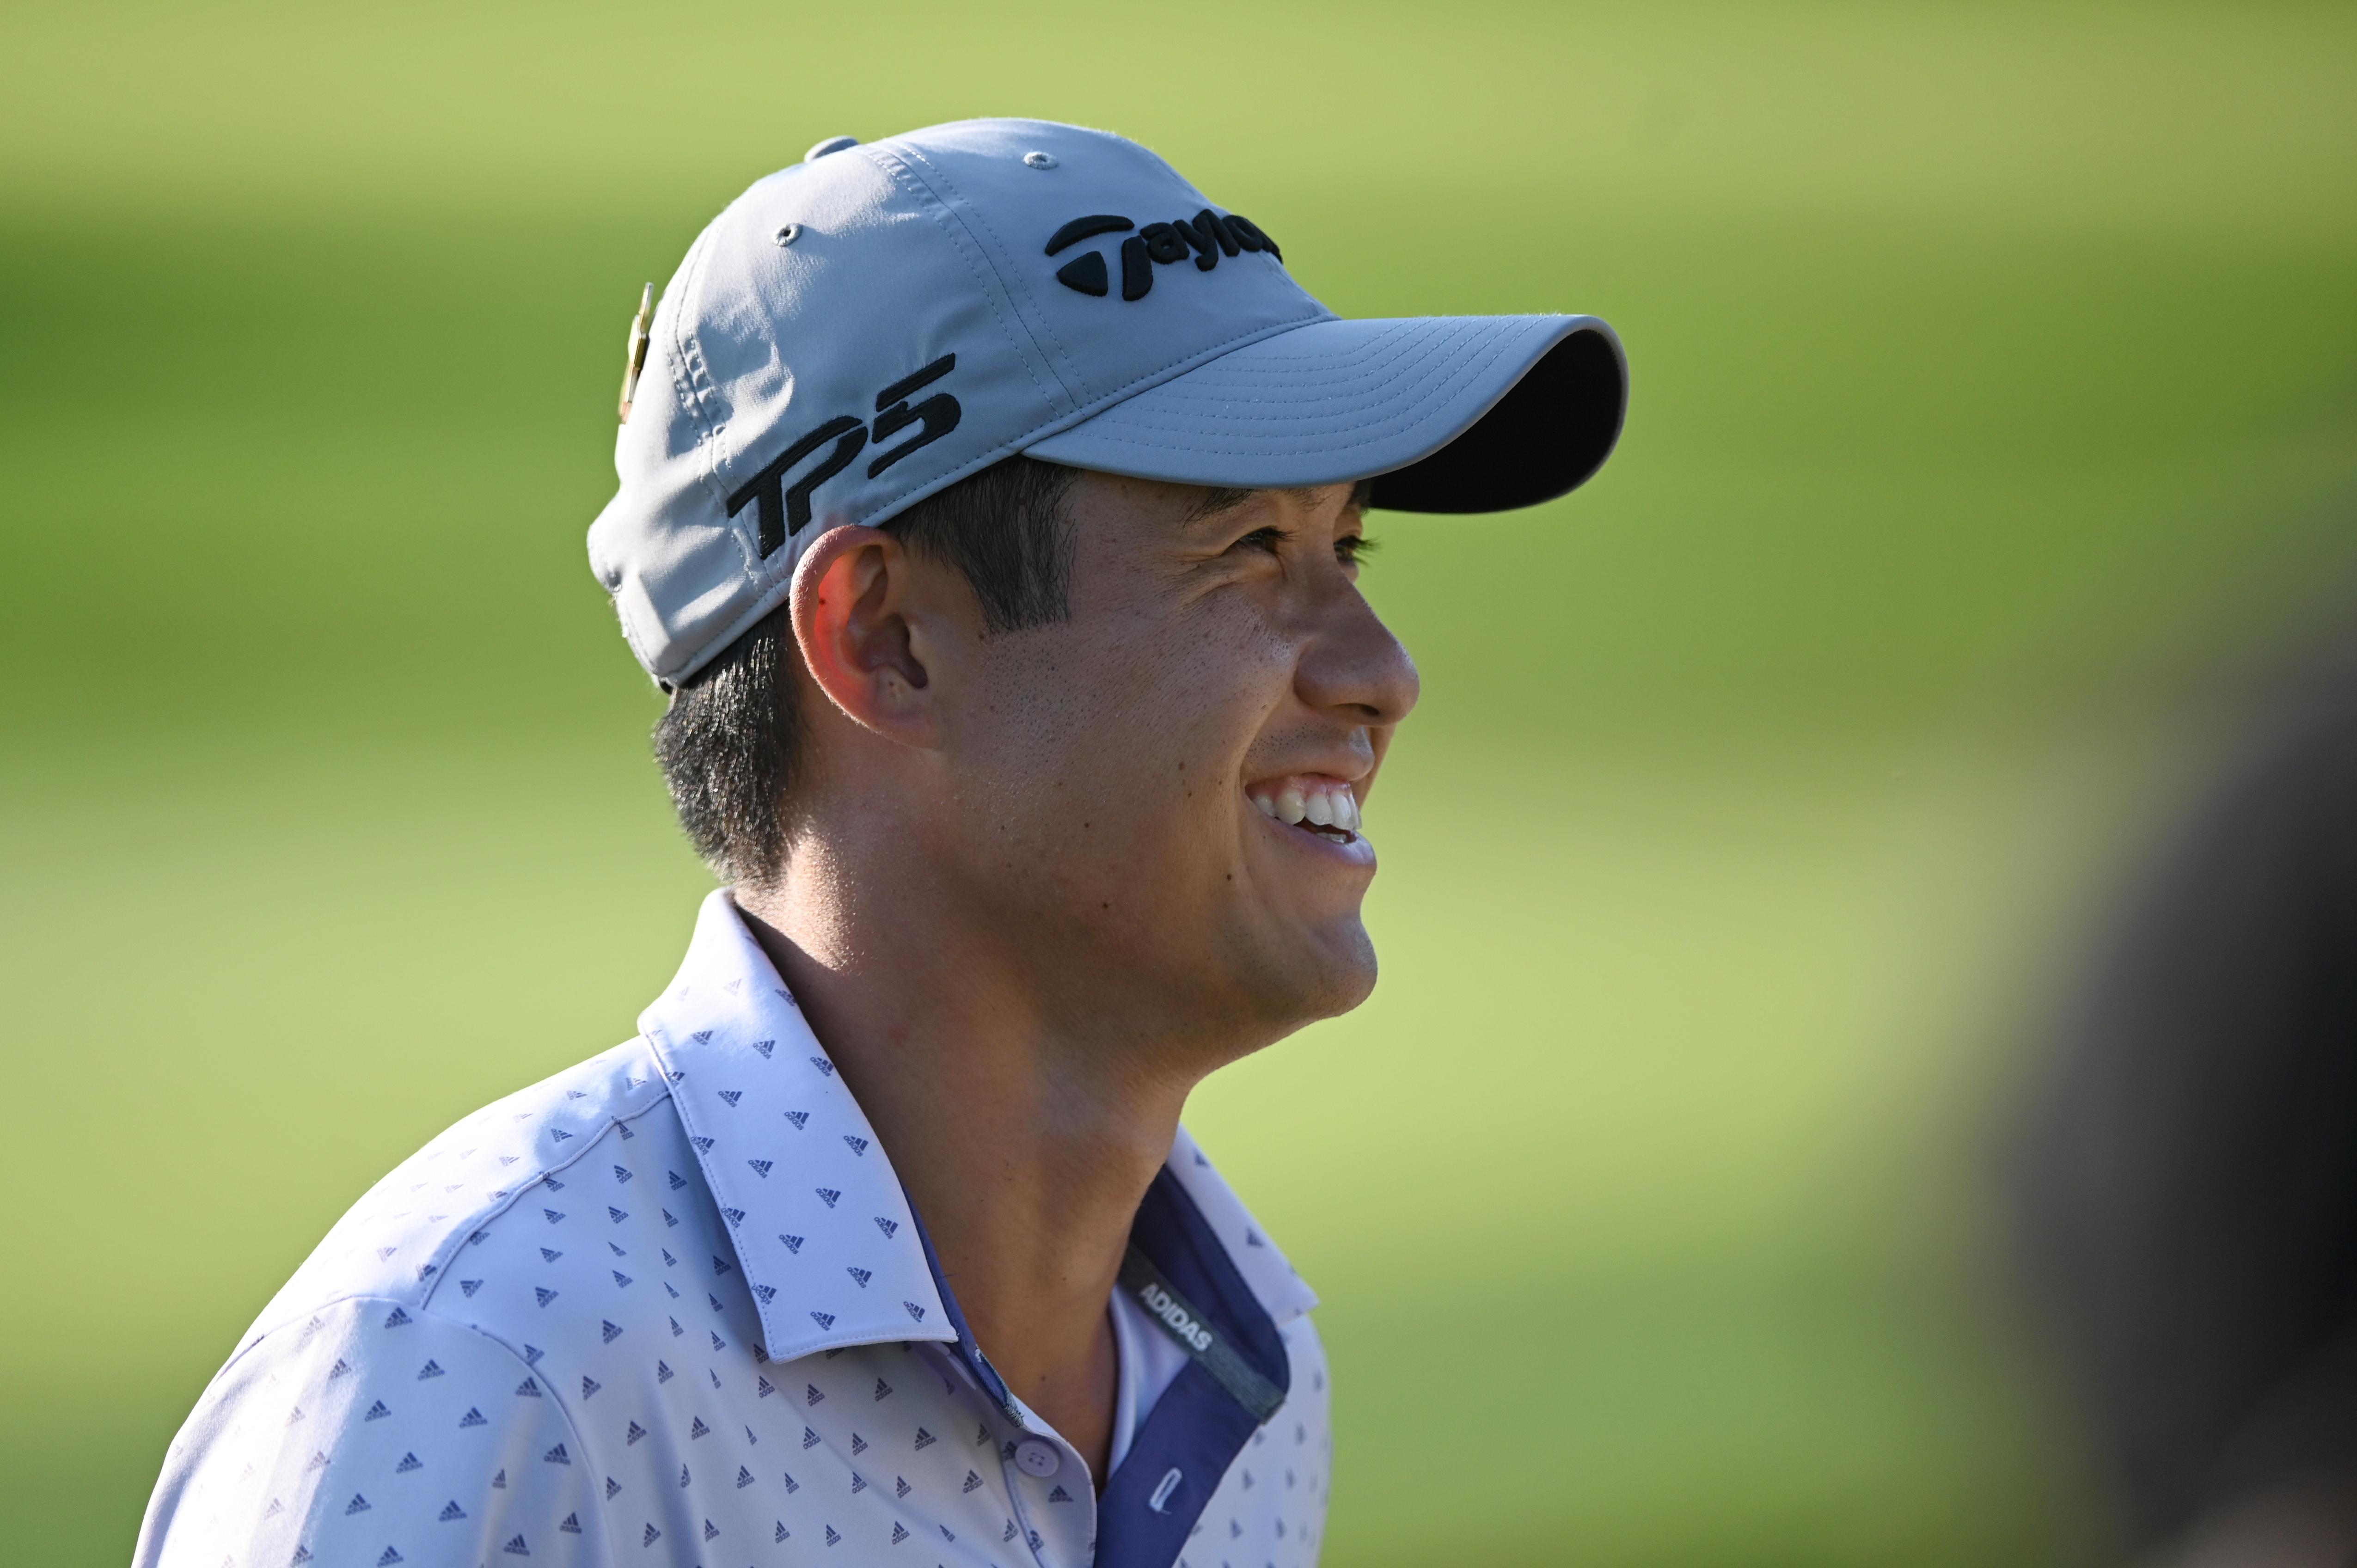 Collin Morikawa wins the 149th British Open